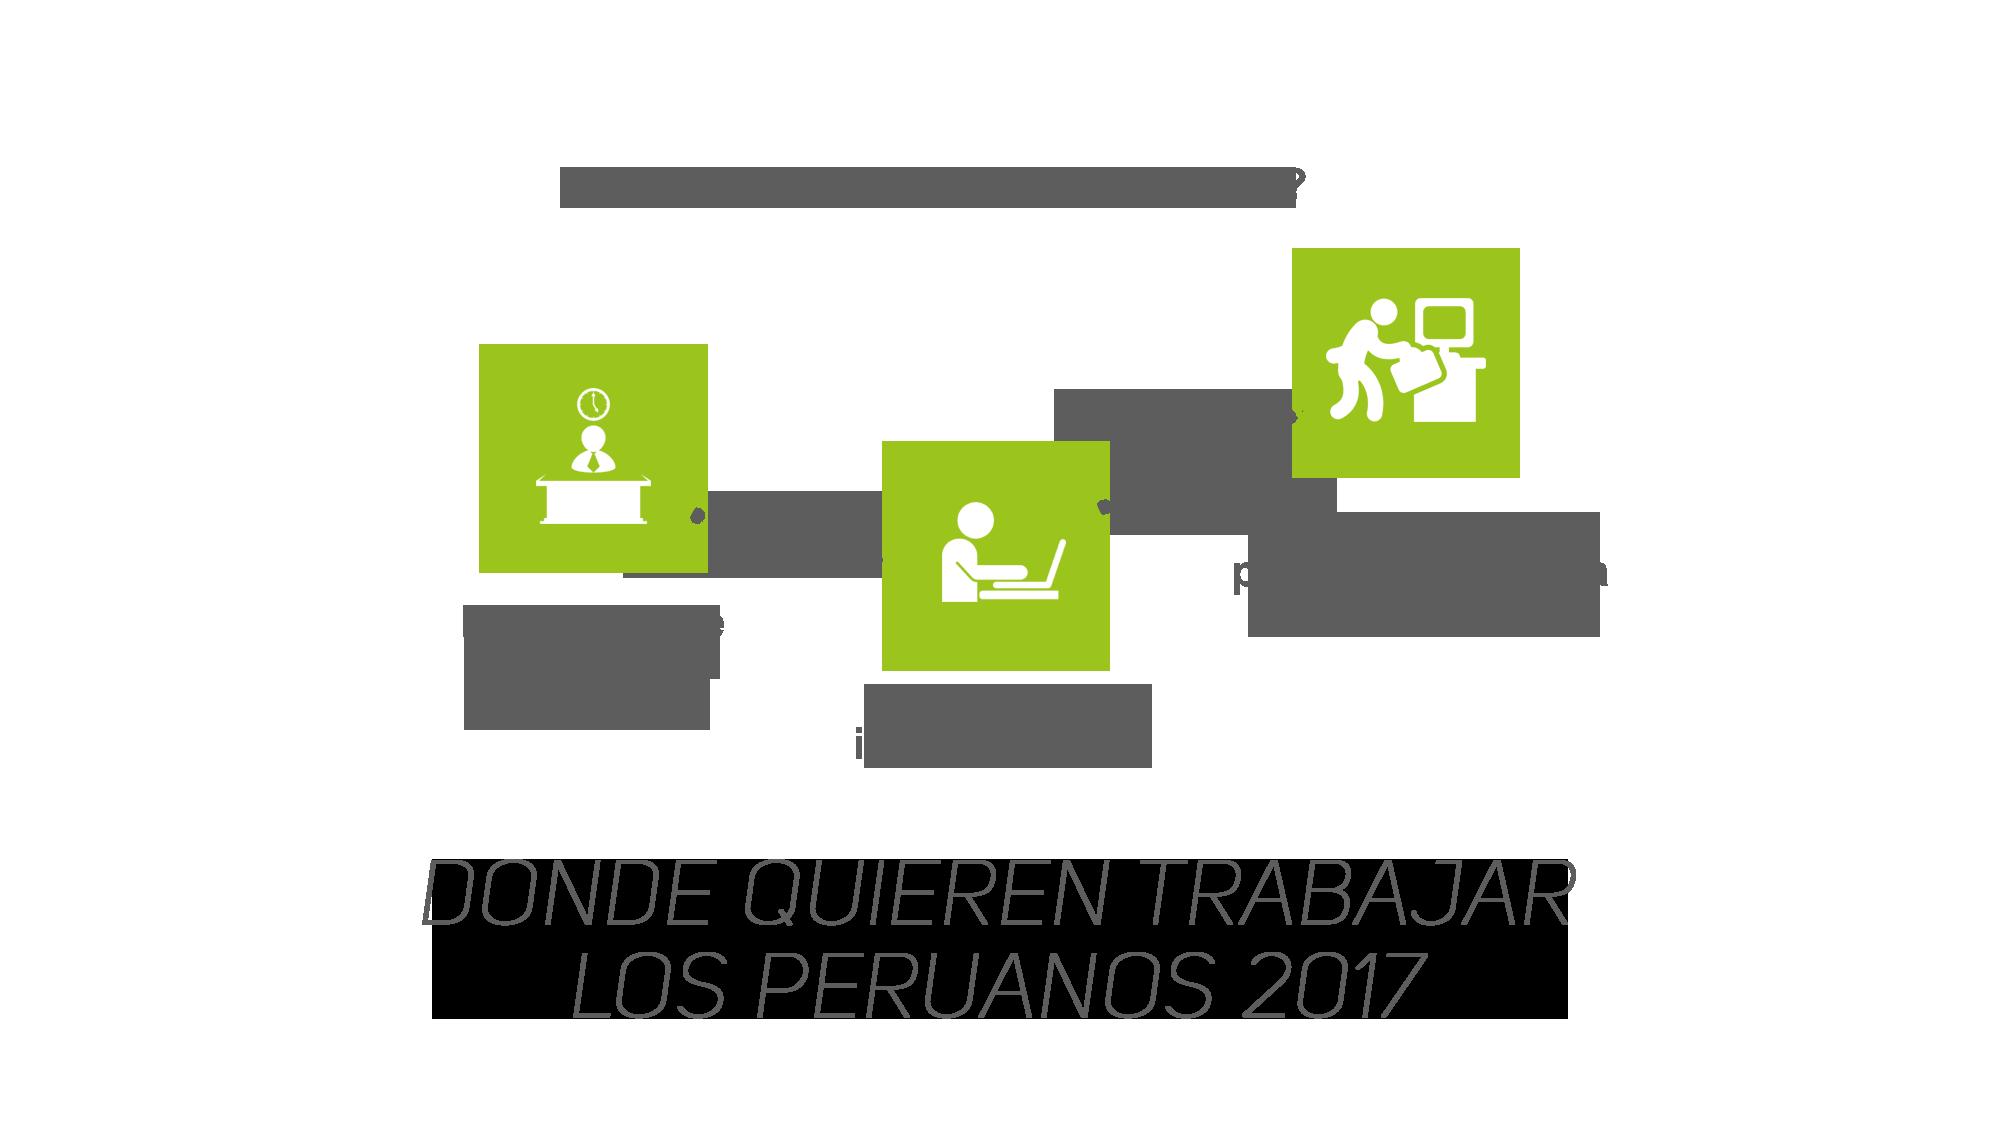 Dónde quieren trabajar los peruanos 2017